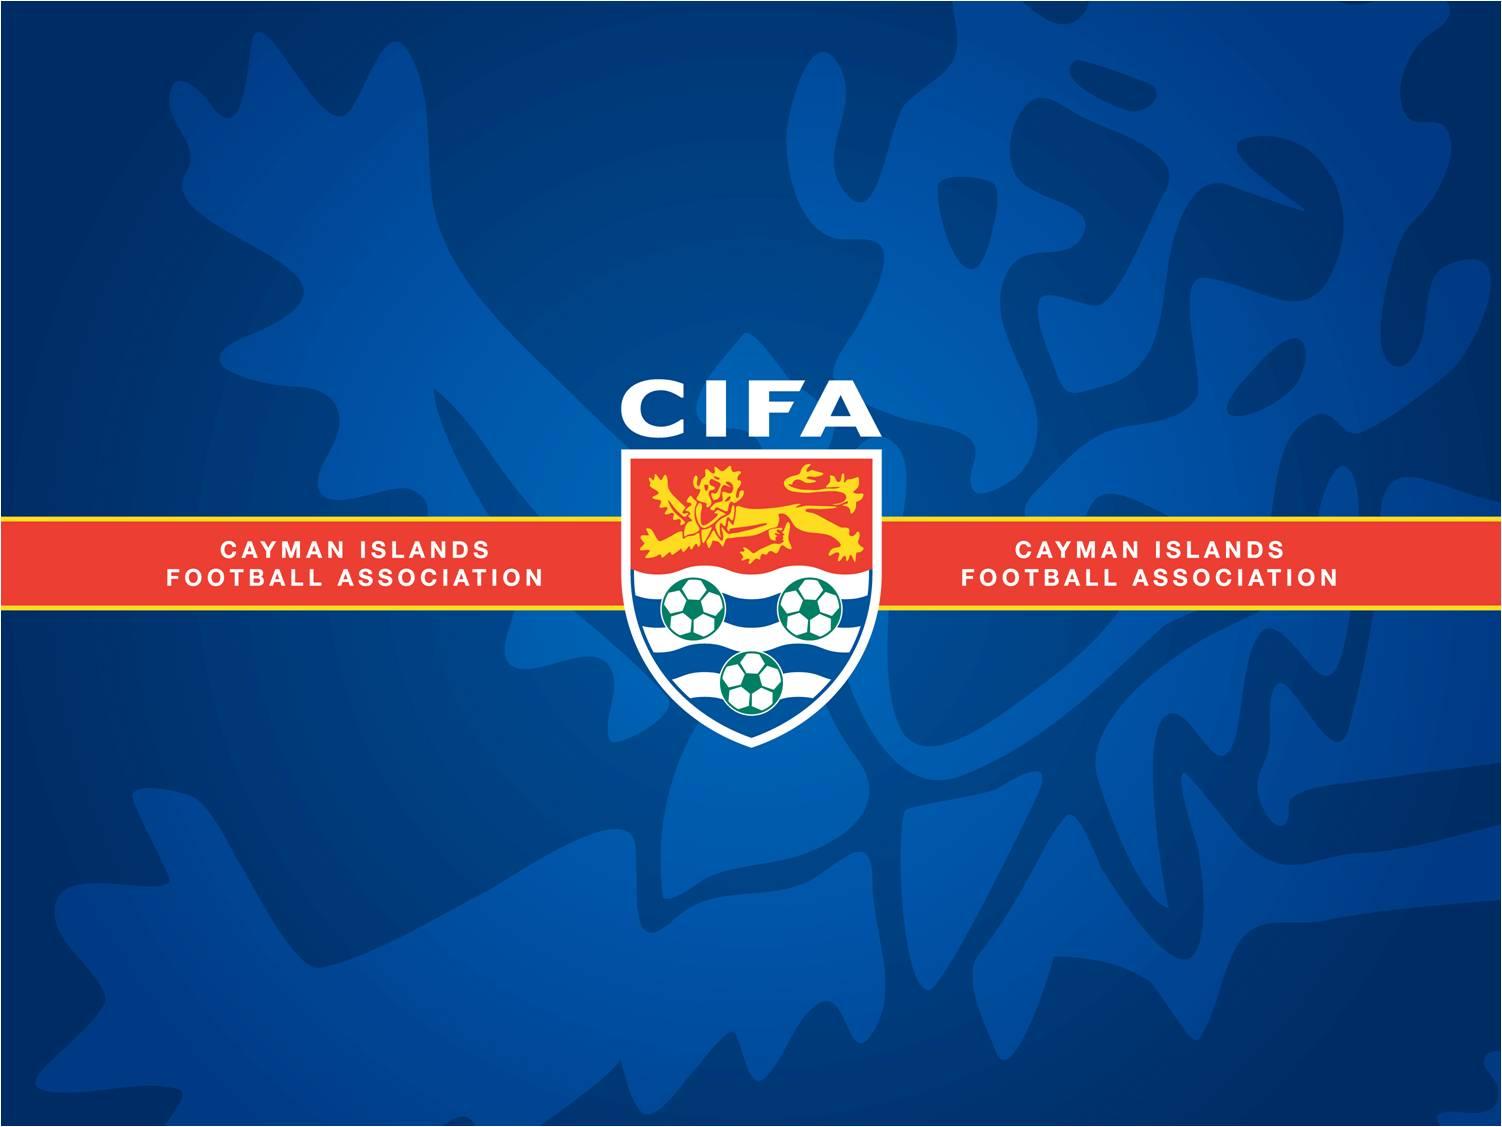 CIFA Graphic